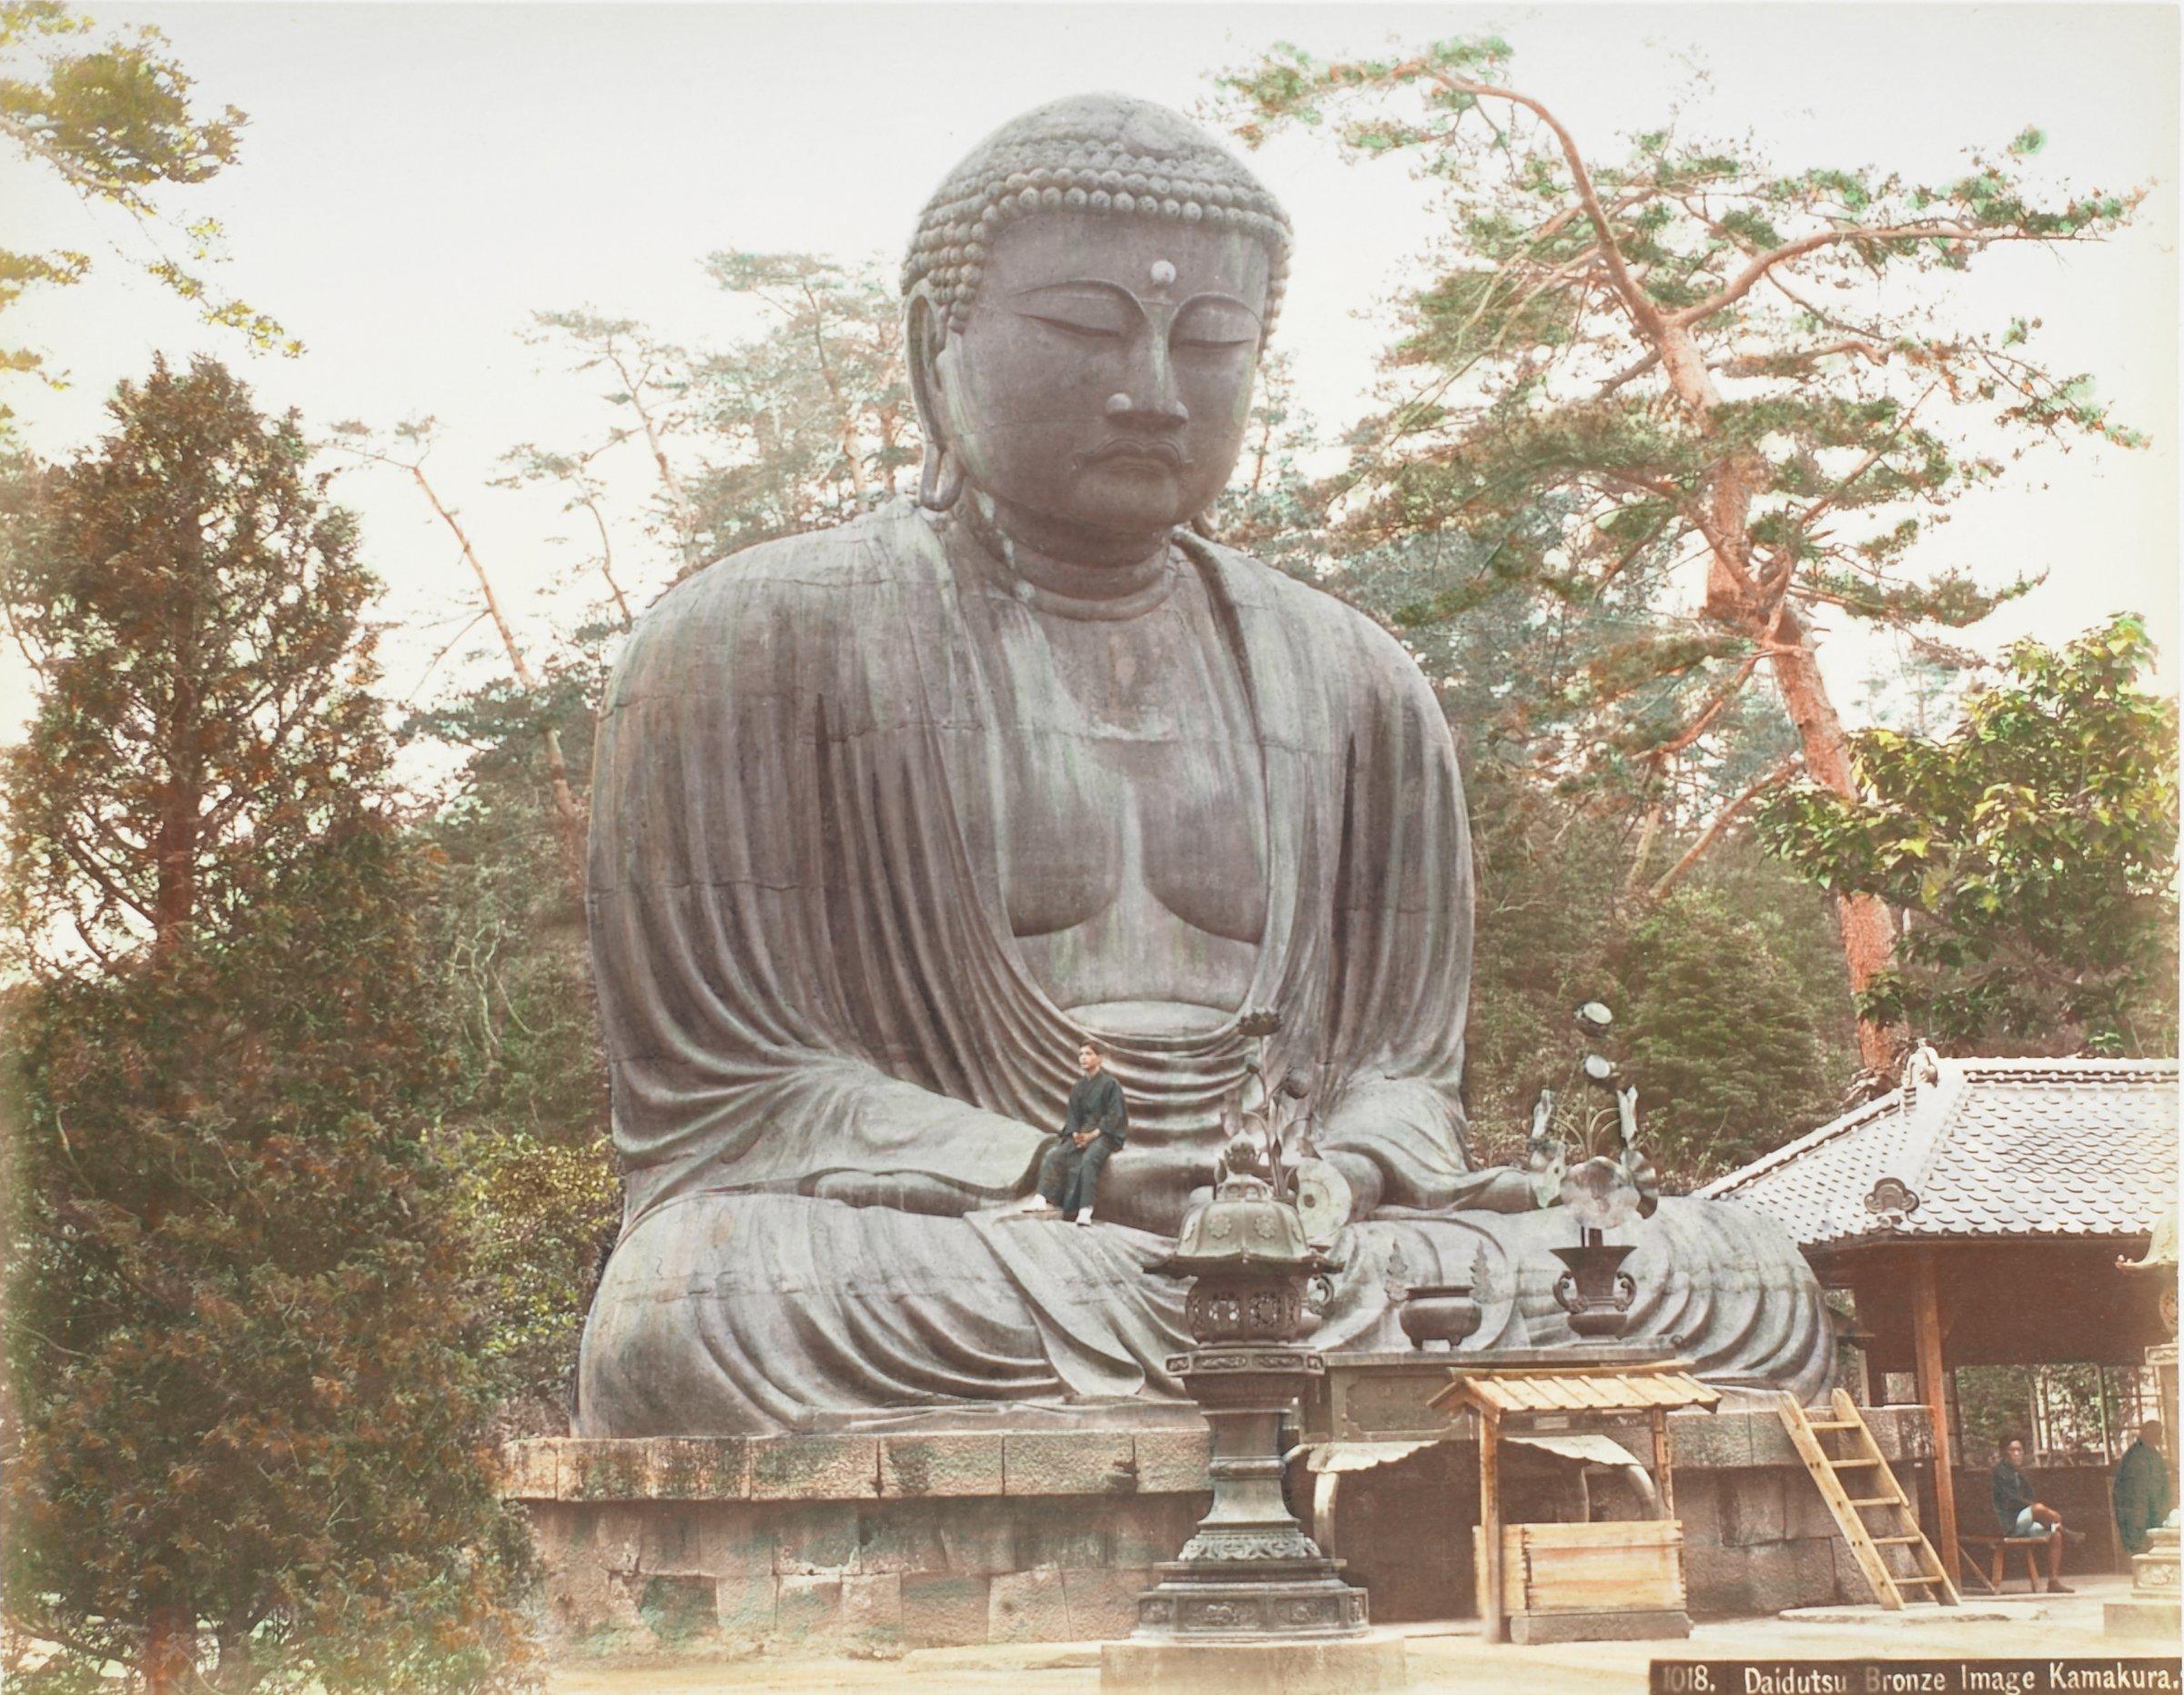 Daidutsu Bronze Image Kamakura (.28, recto); Fujiya Garden Miyanoshita (.29, verso), Attributed to Kusakabe Kimbei, hand-colored albumen prints mounted to album page